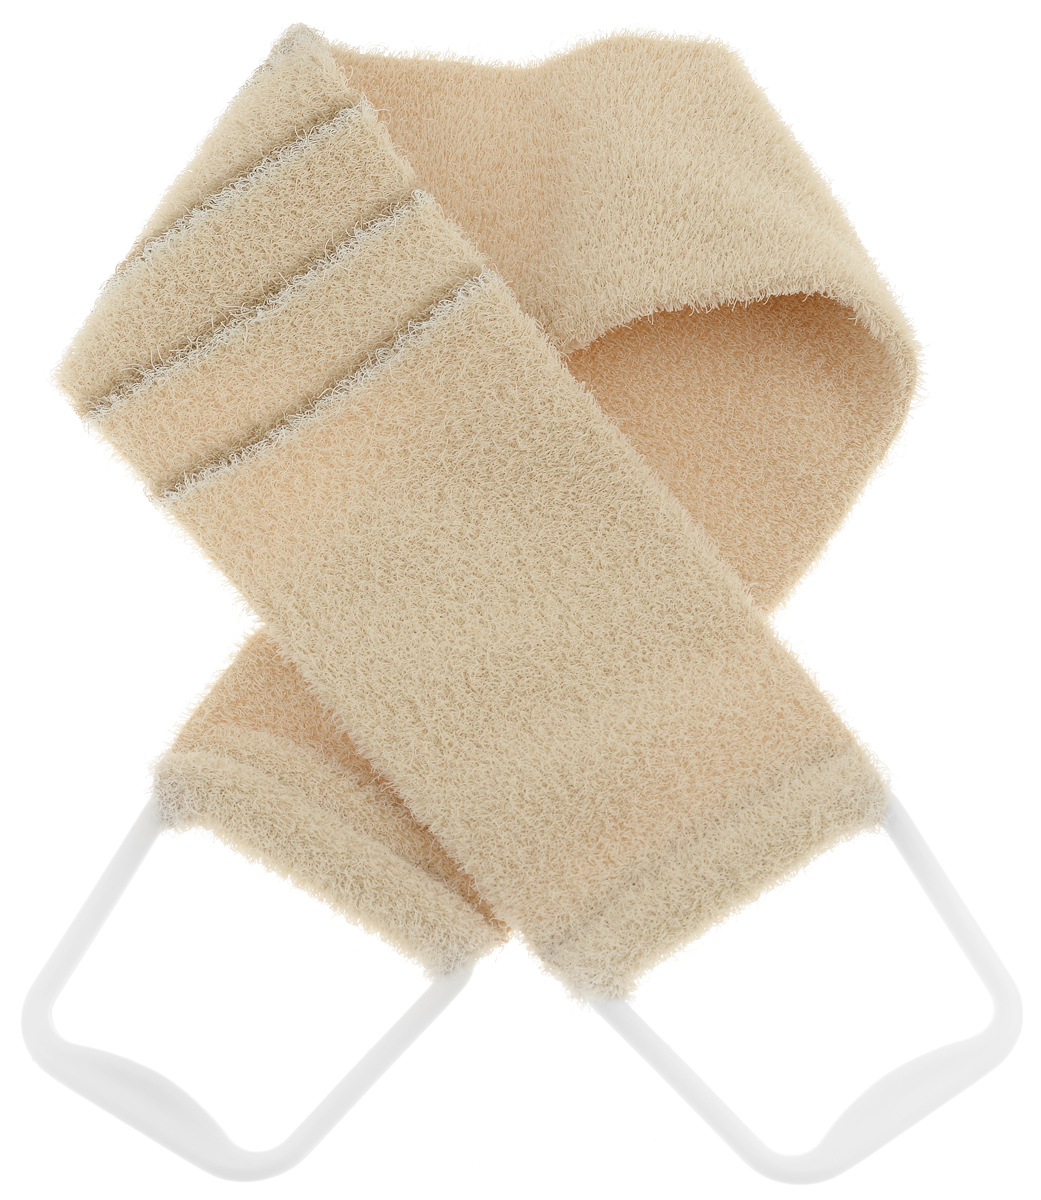 Riffi Мочалка-пояс, массажная, жесткая, цвет: бежевый. 824824_бежевыйМочалка-пояс Riffi используется для мытья тела, обладает активным пилинговым действием, тонизируя, массируя и эффективно очищая вашу кожу. Хлопковая основа придает мочалке высокие моющие свойства, а примесь жестких синтетических волокон усиливает ее массажное воздействие на кожу. Для удобства применения пояс снабжен двумя пластиковыми ручками.Благодаря отшелушивающему эффекту мочалки-пояса, кожа освобождается от отмерших клеток, становится гладкой, упругой и свежей. Массаж тела с применением Riffi стимулирует кровообращение, активирует кровоснабжение, способствует обмену веществ, что в свою очередь позволяет себя чувствовать бодрым и отдохнувшим после принятия душа или ванны. Riffi регенерирует кожу, делает ее приятно нежной, мягкой и лучше готовой к принятию косметических средств. Приносит приятное расслабление всему организму. Борется со спазмами и болями в мышцах, предупреждает образование целлюлита и обеспечивает омолаживающий эффект. Моет легко и энергично. Быстро сохнет. Гипоаллергенная.Товар сертифицирован.